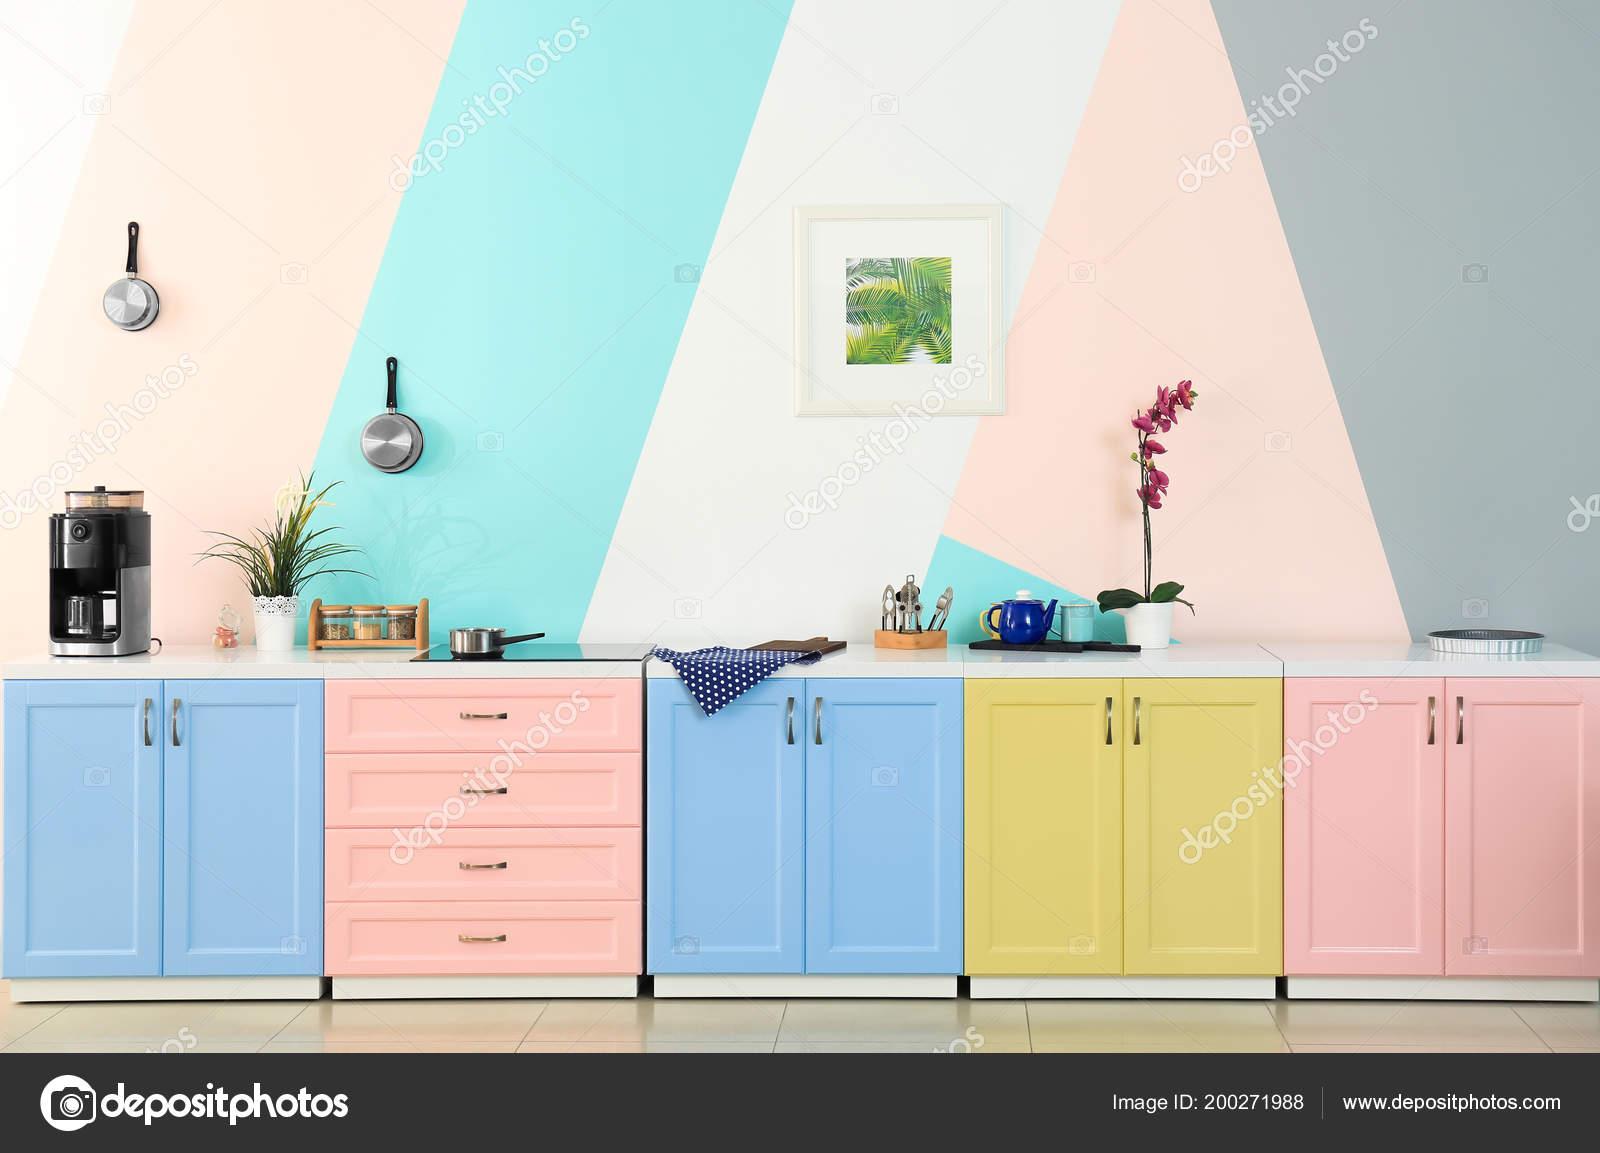 Muebles Cocina Fondo Pared Color — Foto de stock © belchonock #200271988